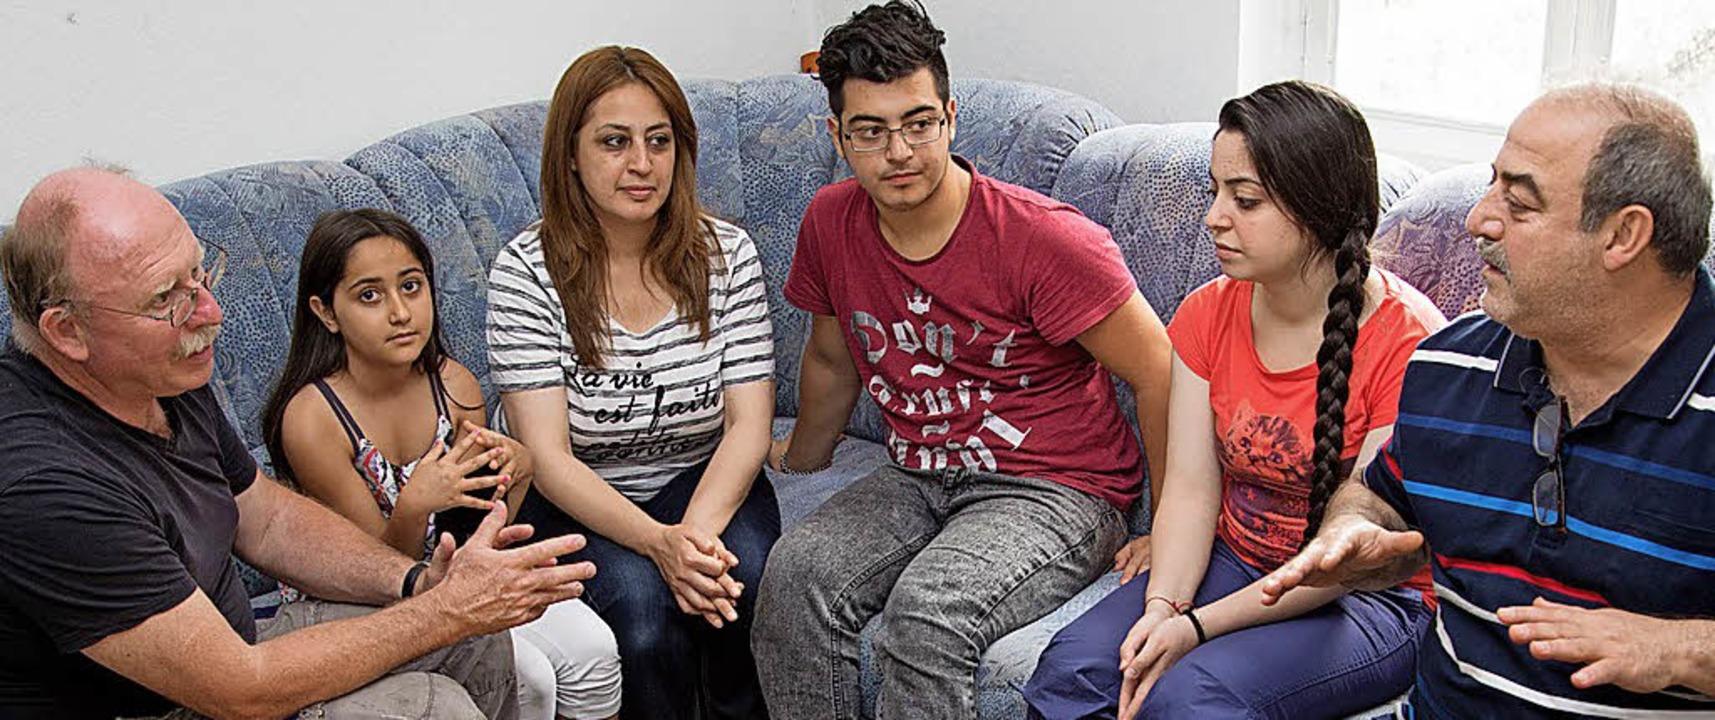 Eine syrische Familie in Paderborn   | Foto: DPA